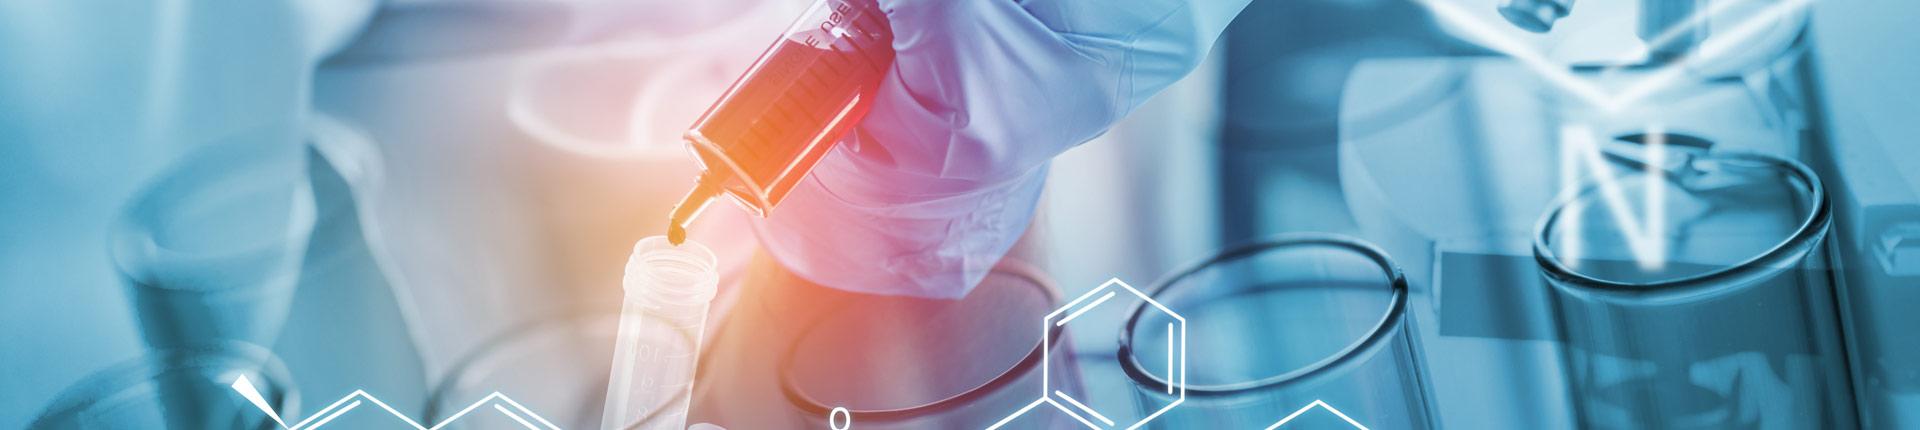 Nowe badanie sugeruje, że witamina D może być wparciem terapi na Covid-19